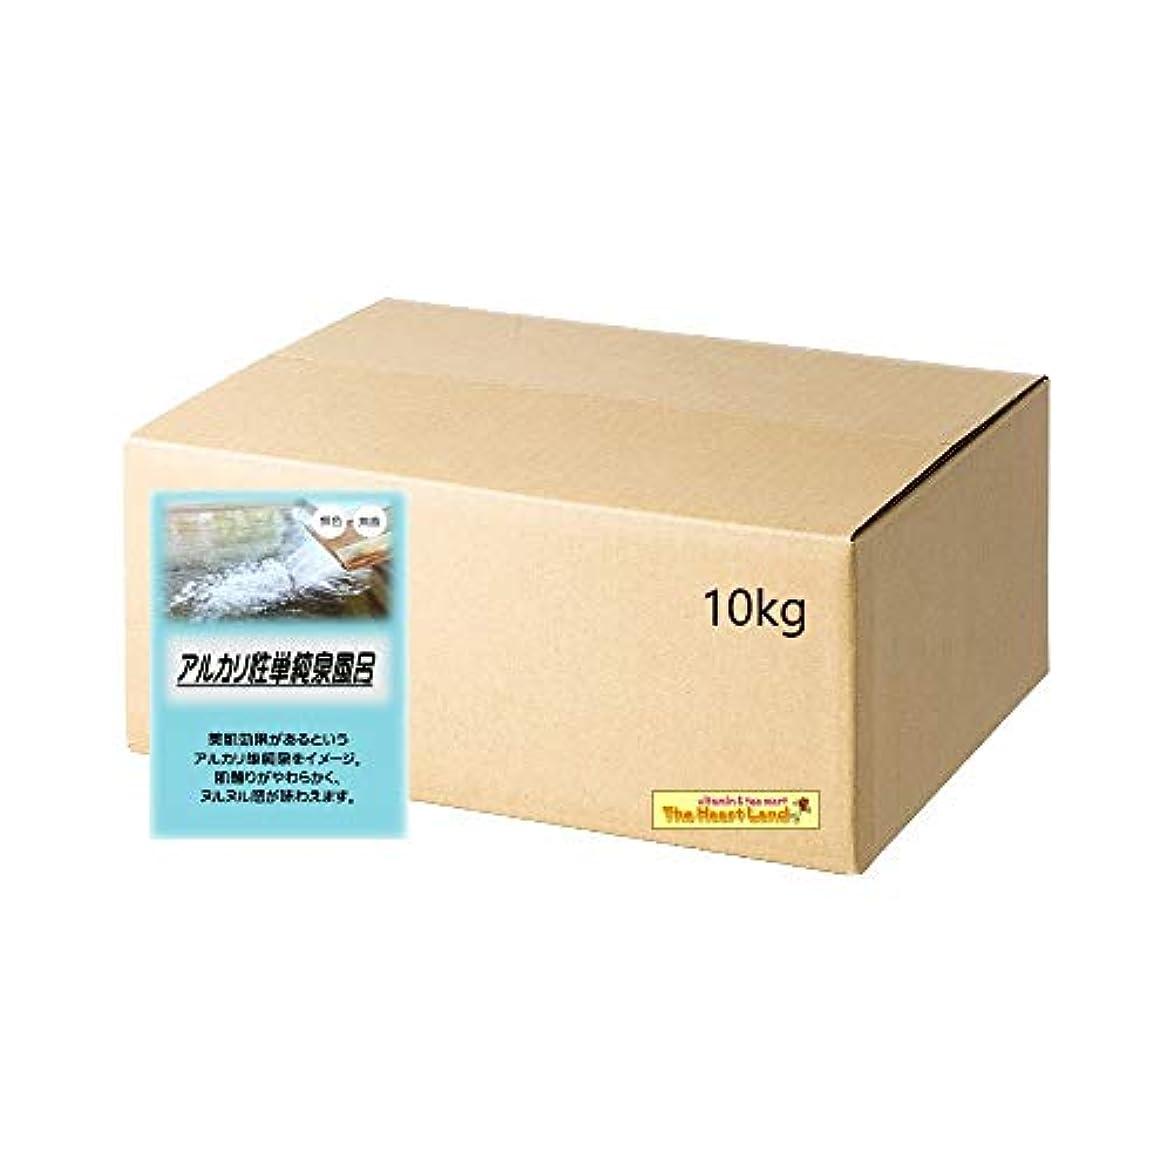 バックアップ正義低下アサヒ入浴剤 浴用入浴化粧品 アルカリ性単純泉風呂 10kg